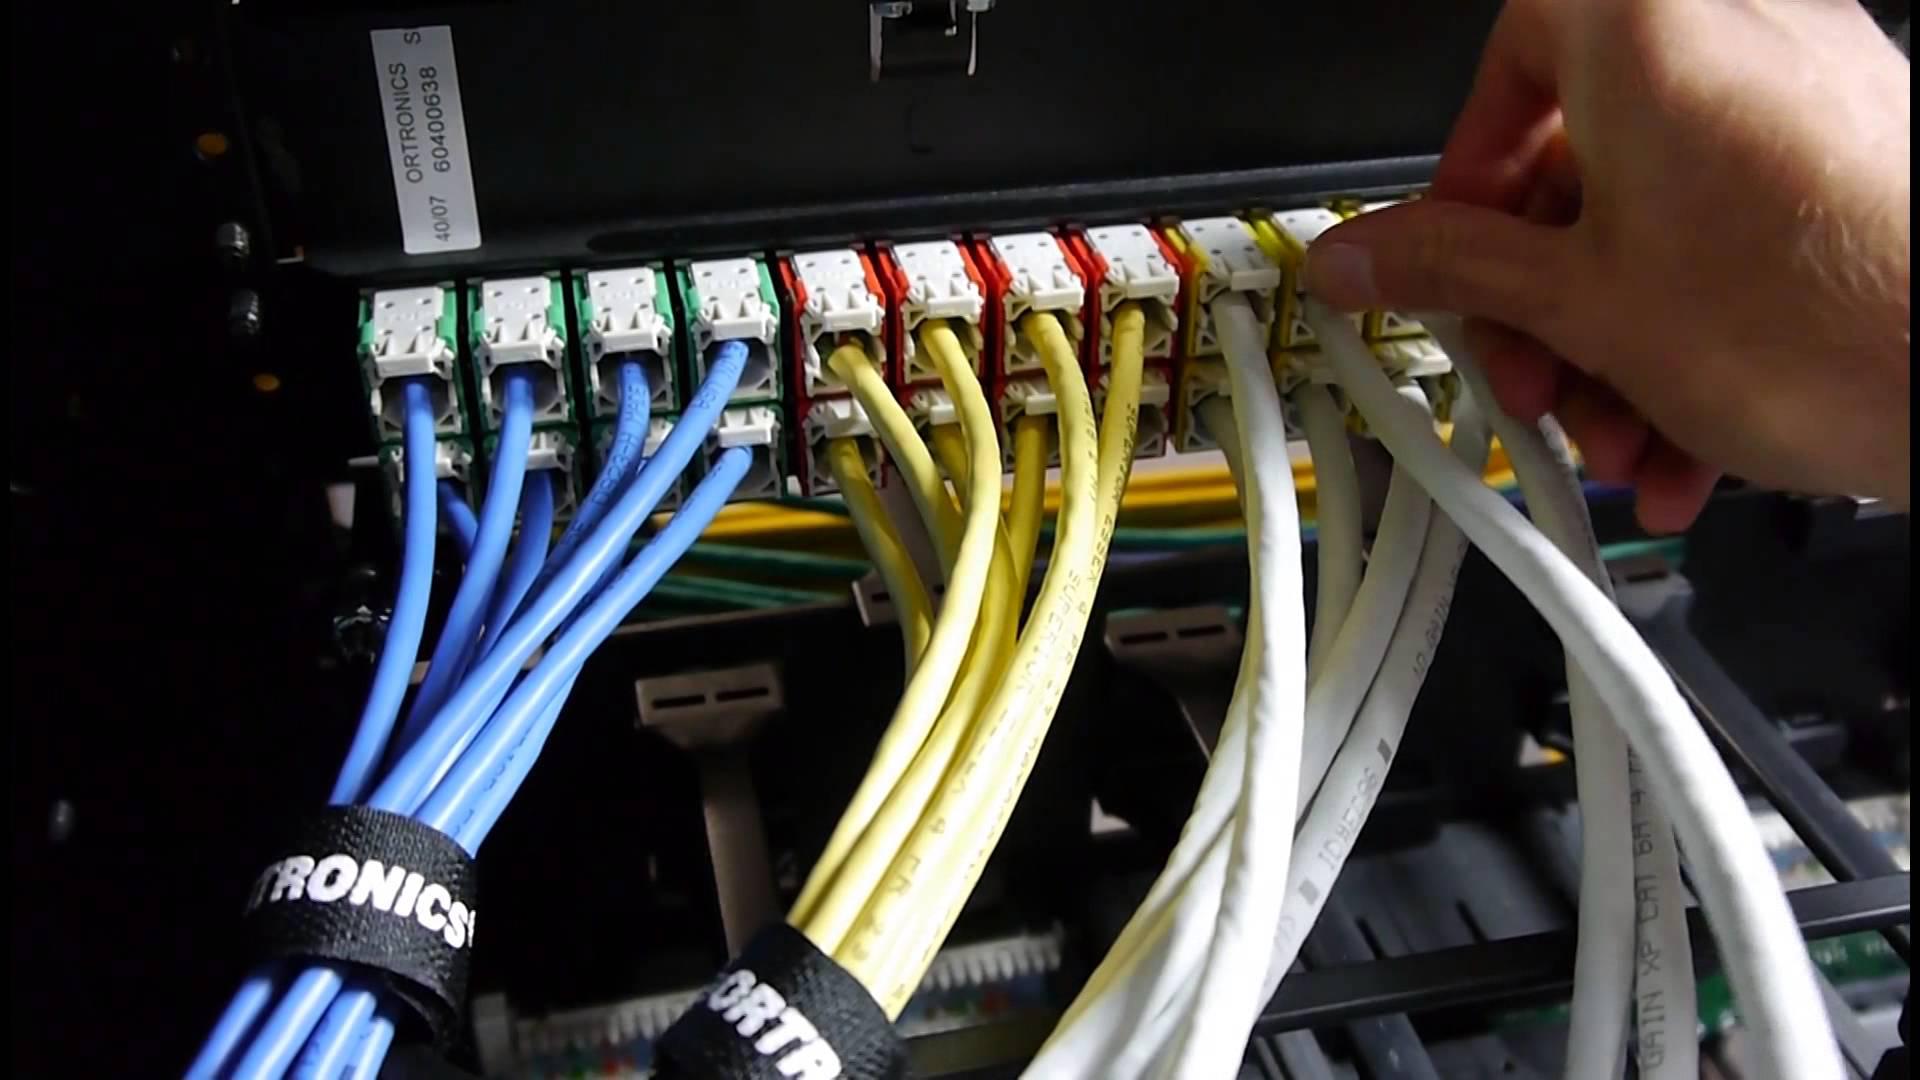 Marvelous Pt Primatek Infokom Jaya Products Electrical Wiring Cloud Cranvenetmohammedshrineorg